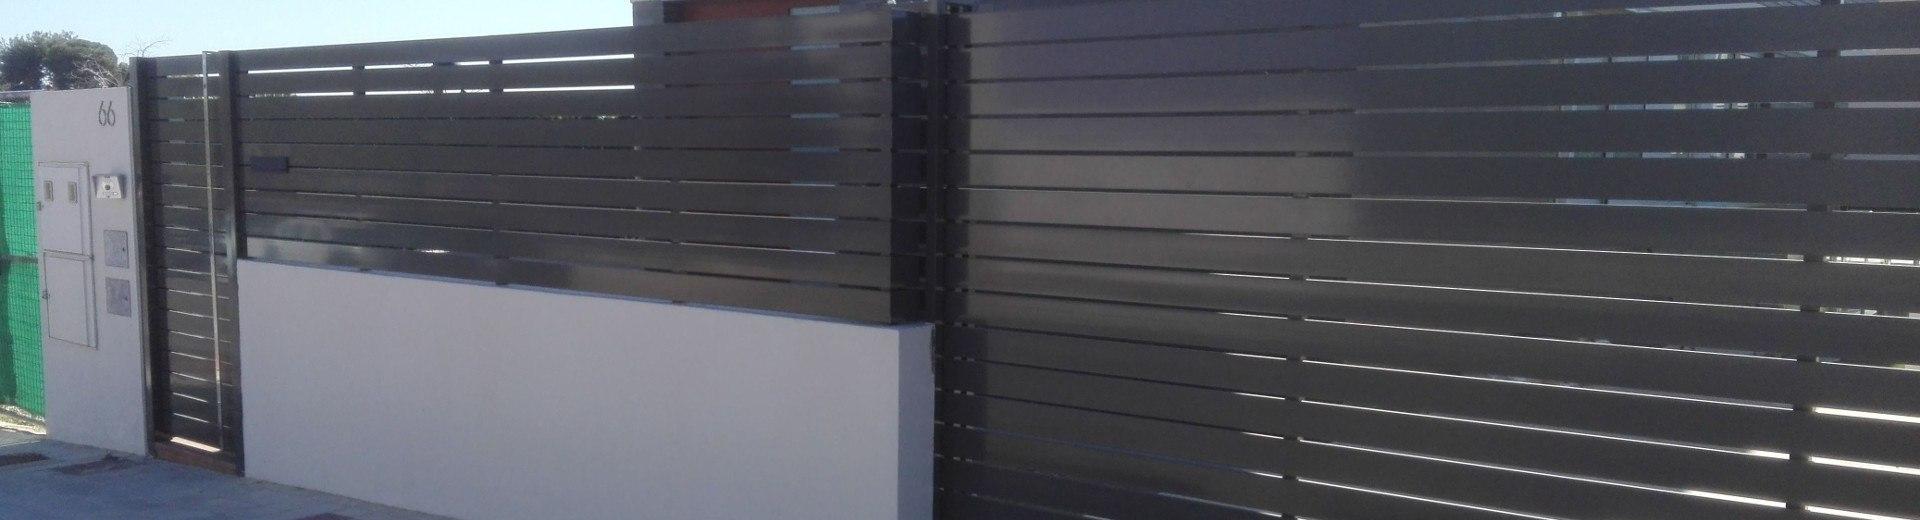 puertas correderas hori - Reparacion Puertas Garaje Corredera Basculante Enrollable Barcelona Valencia y Alicante